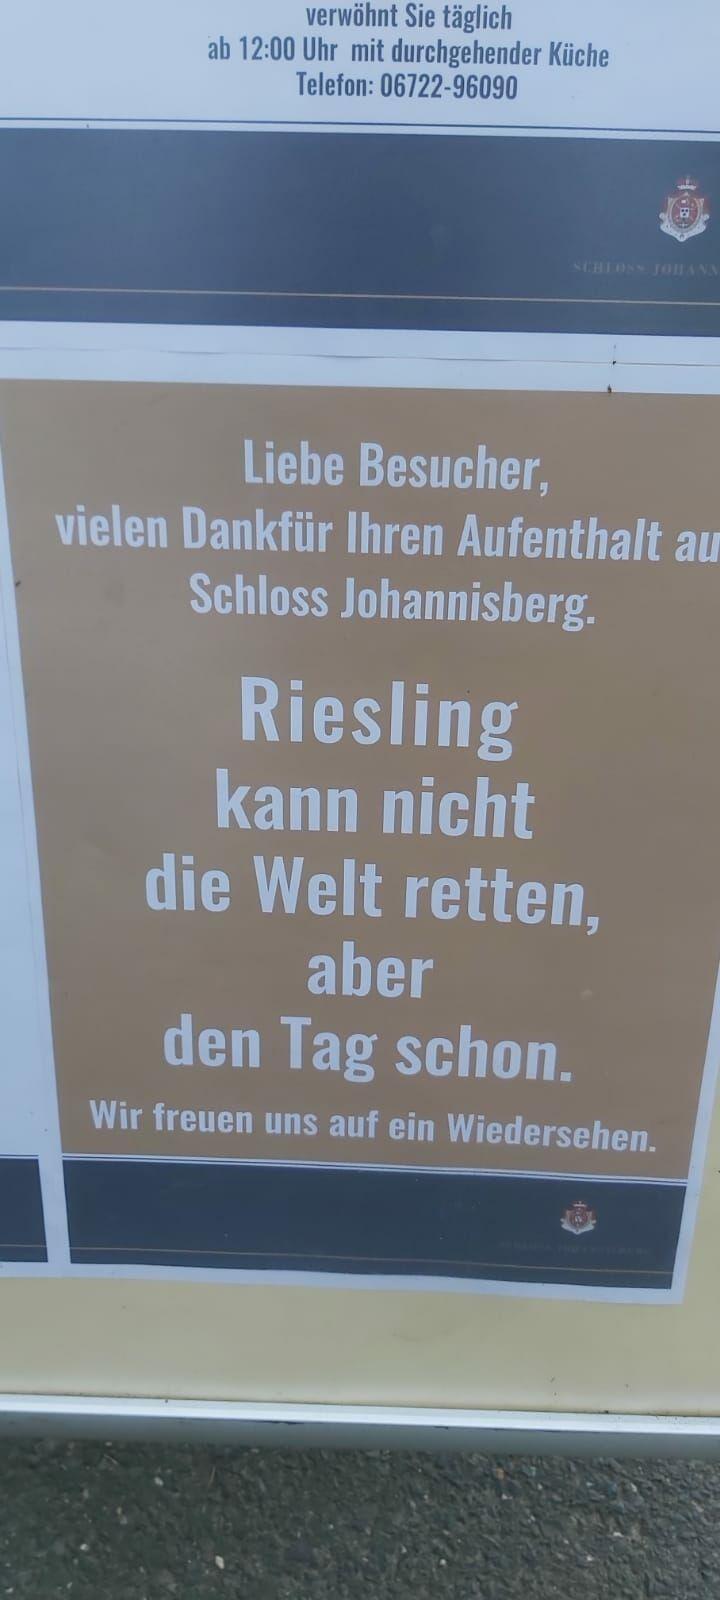 Weinzeit Riesling aus Rhein